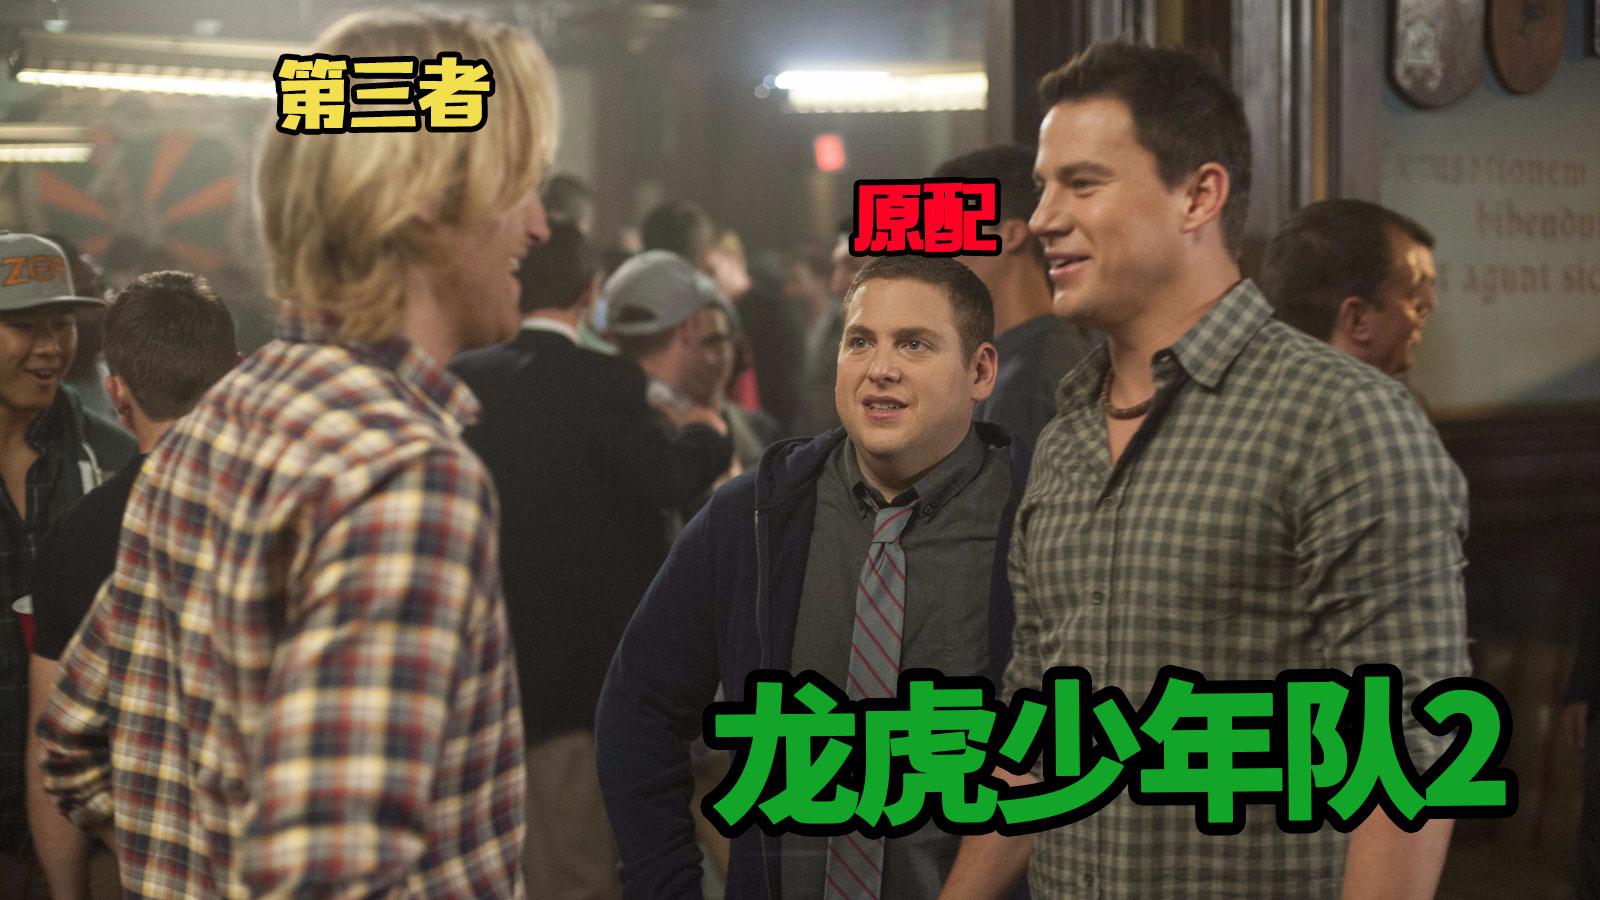 【森崎电影院】基情淡去 他们之间出现第三者 无节操喜剧《龙虎少年队2》